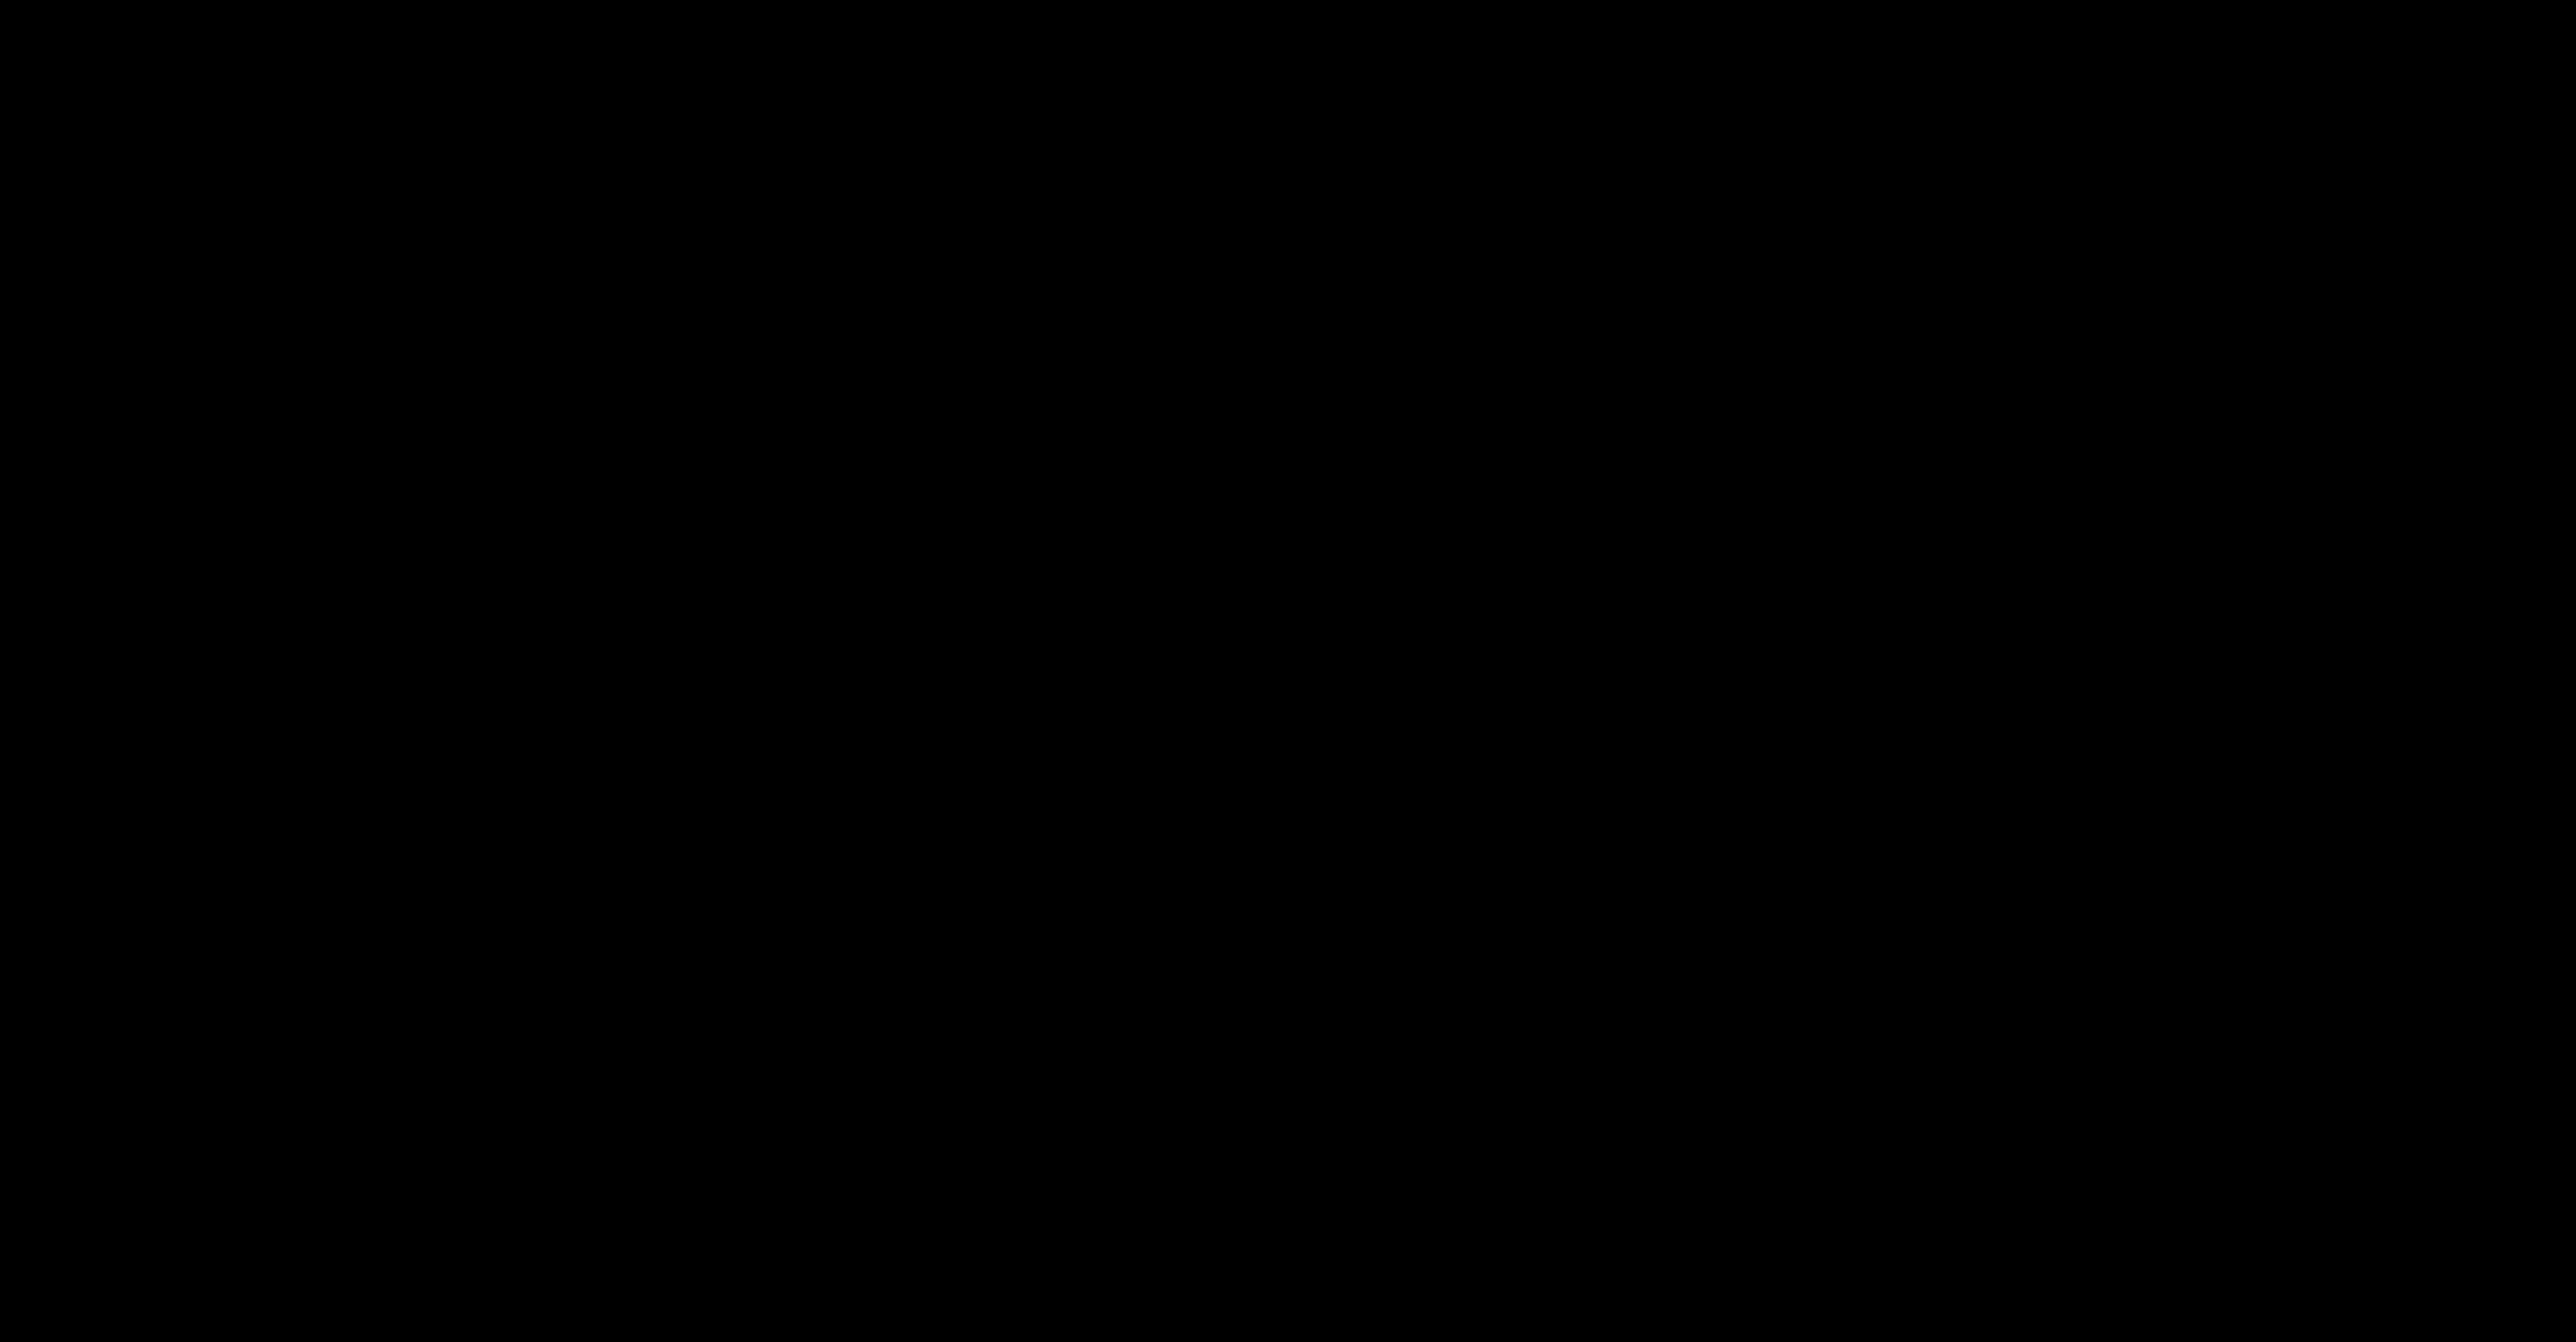 Kawasaki PNG - 98889